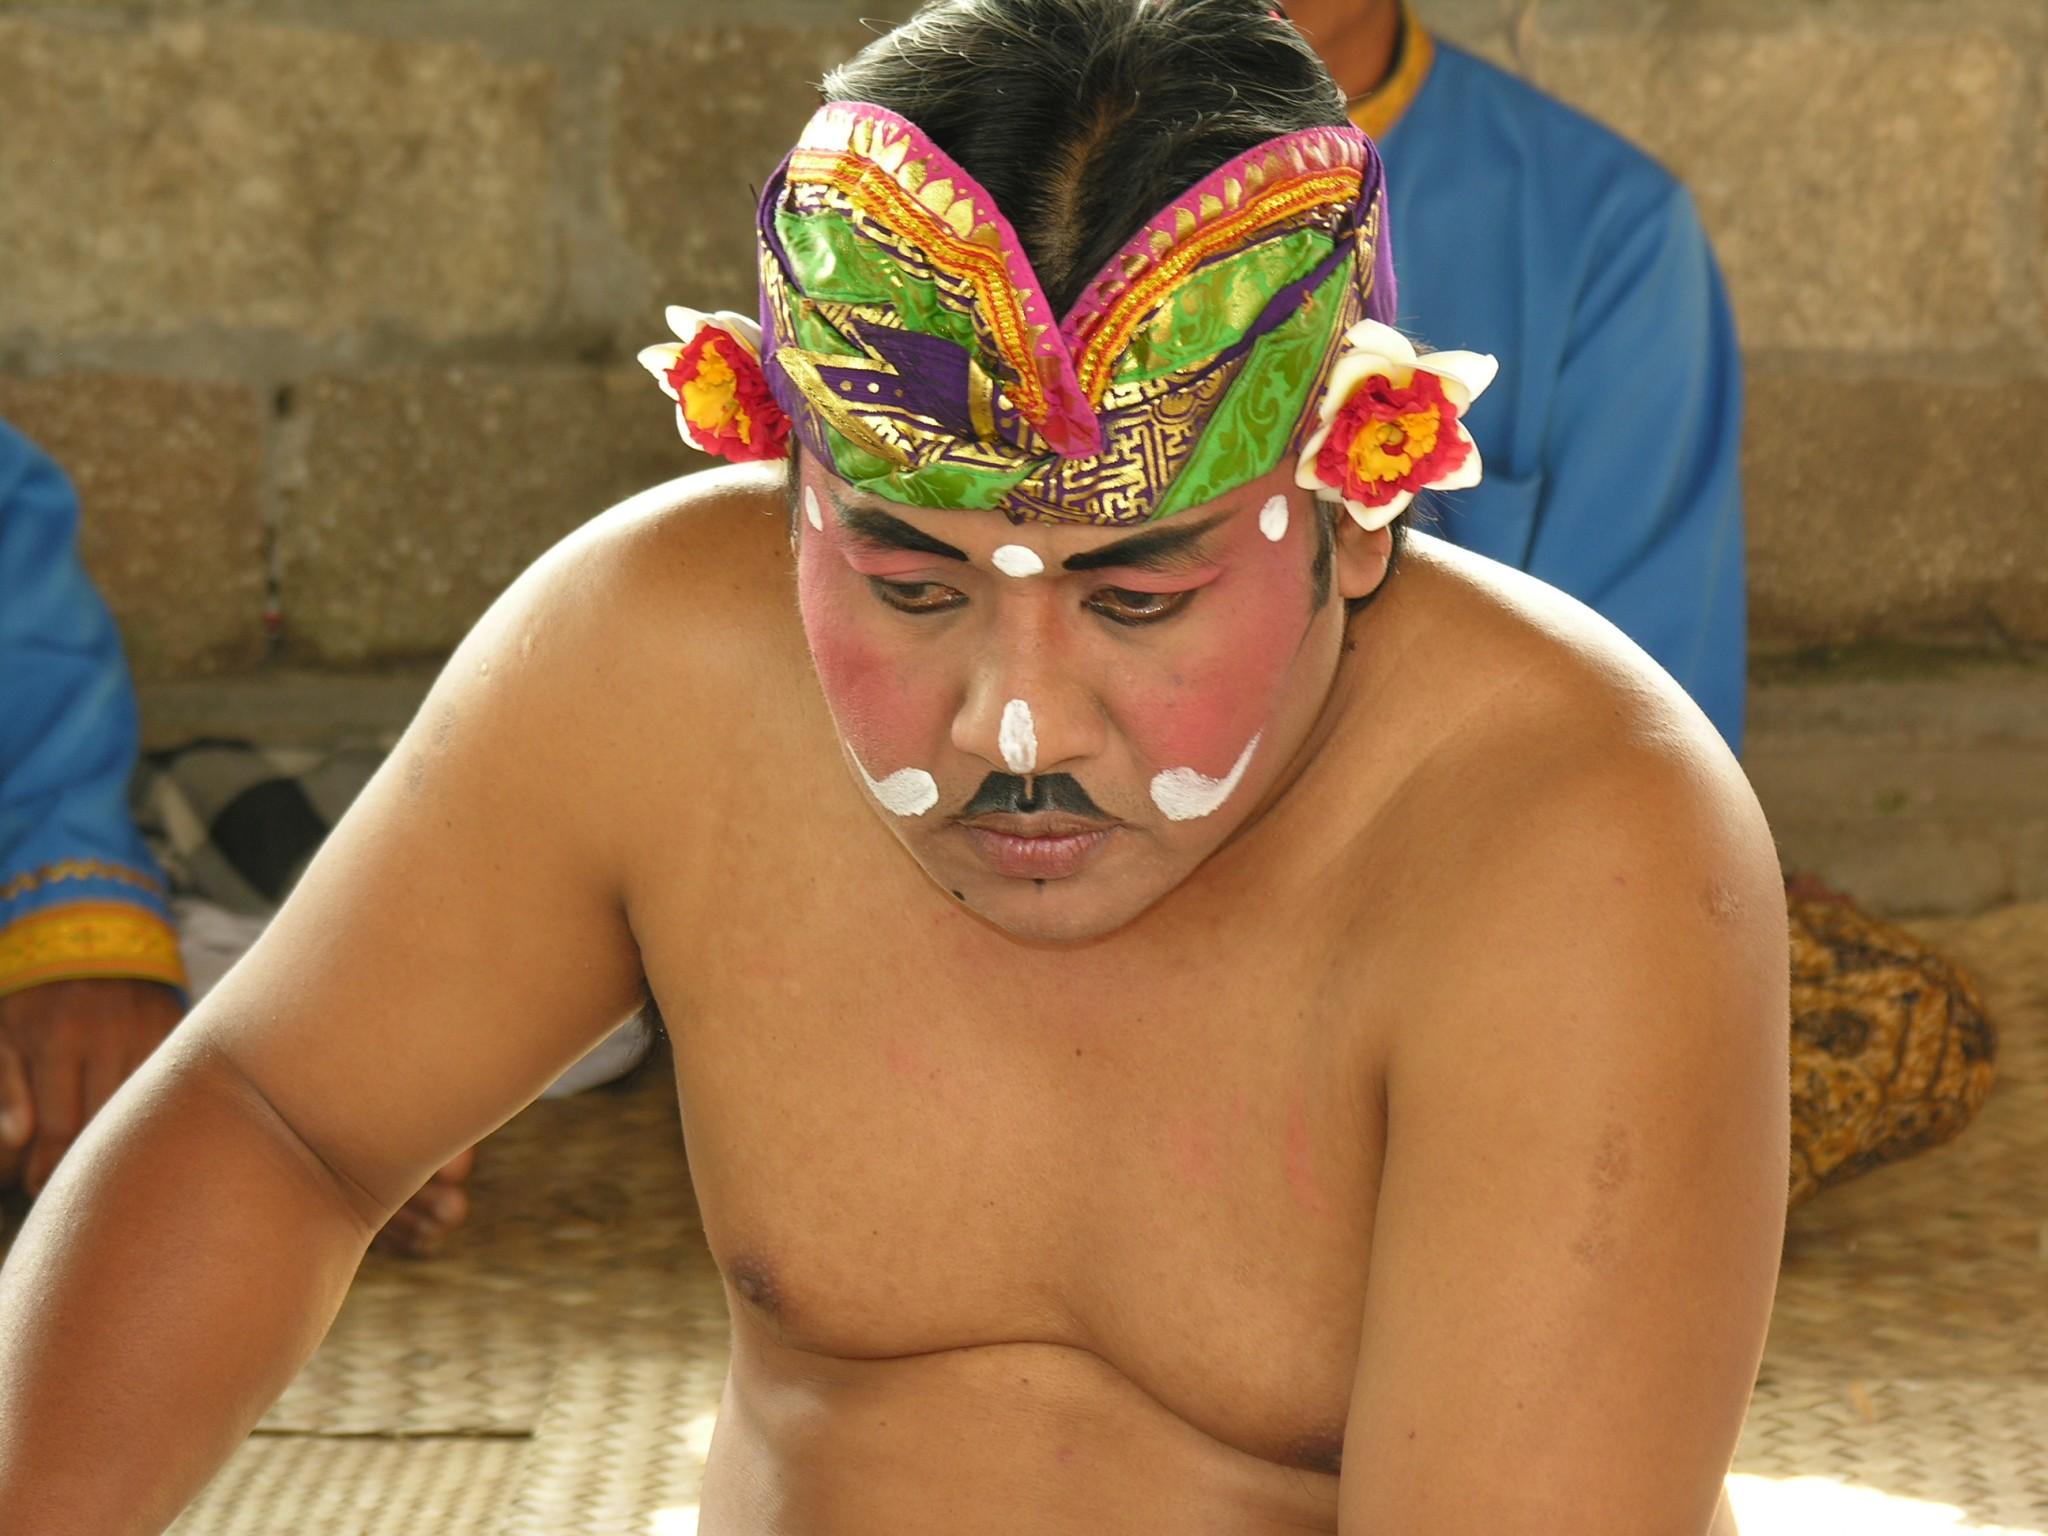 Indonesië, voorbereiding voor de Barong dans op Bali